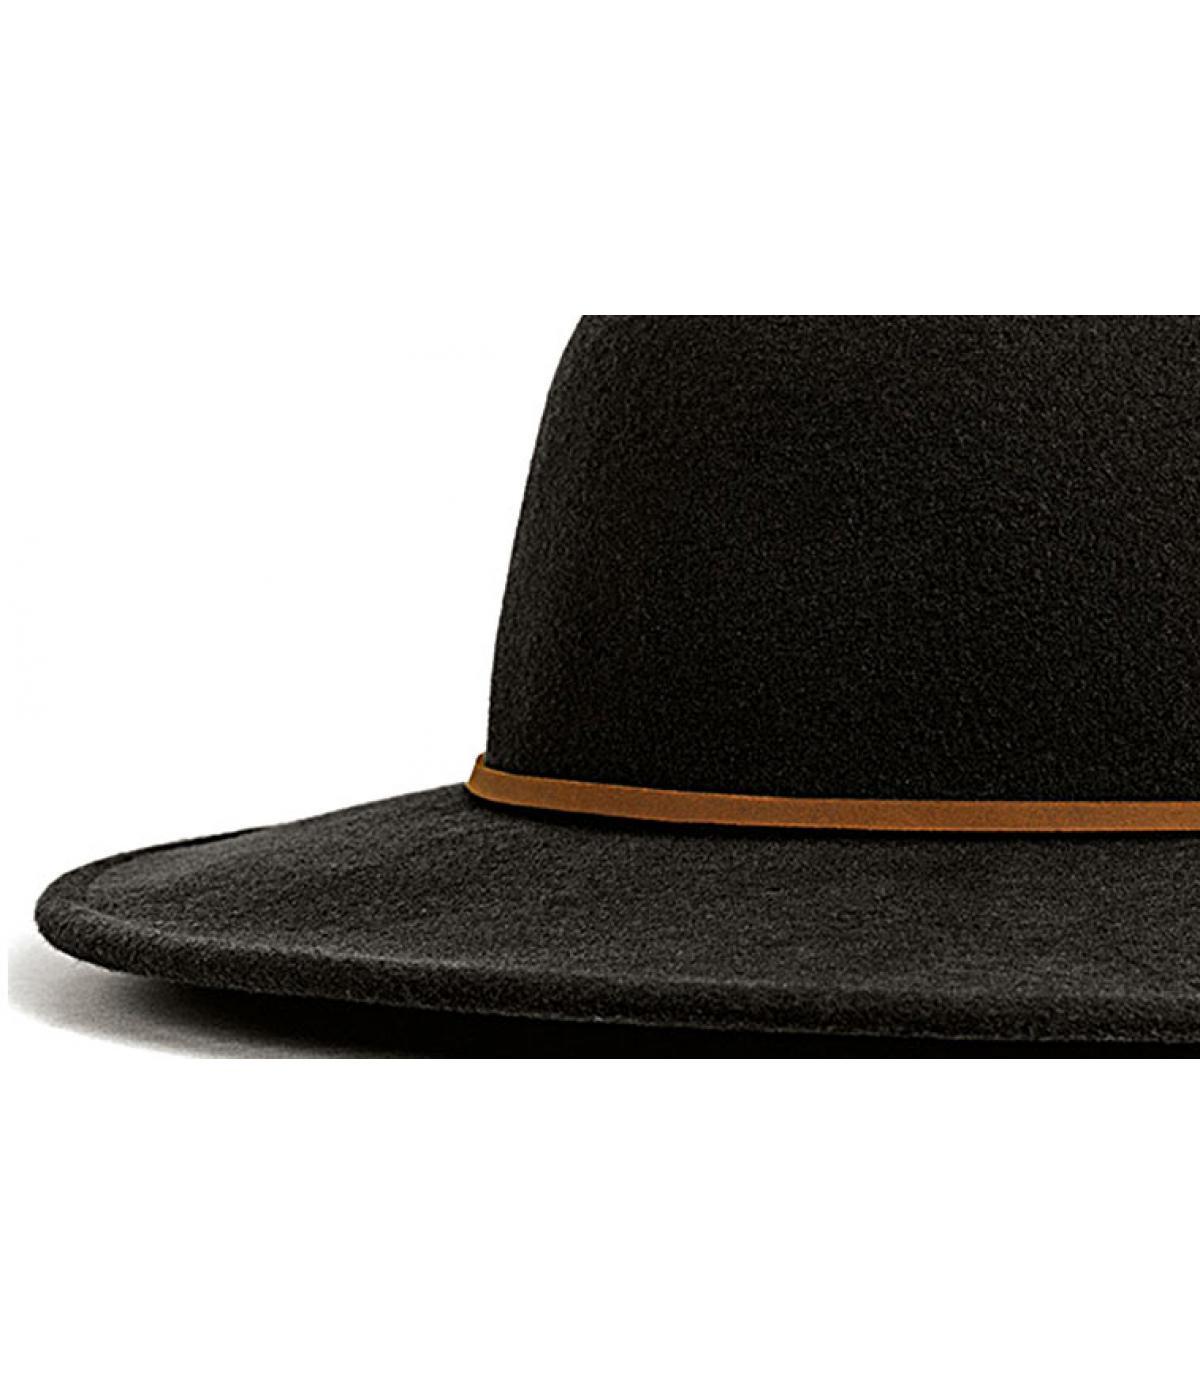 Details Tiller schwarz Damen Hut - Abbildung 2